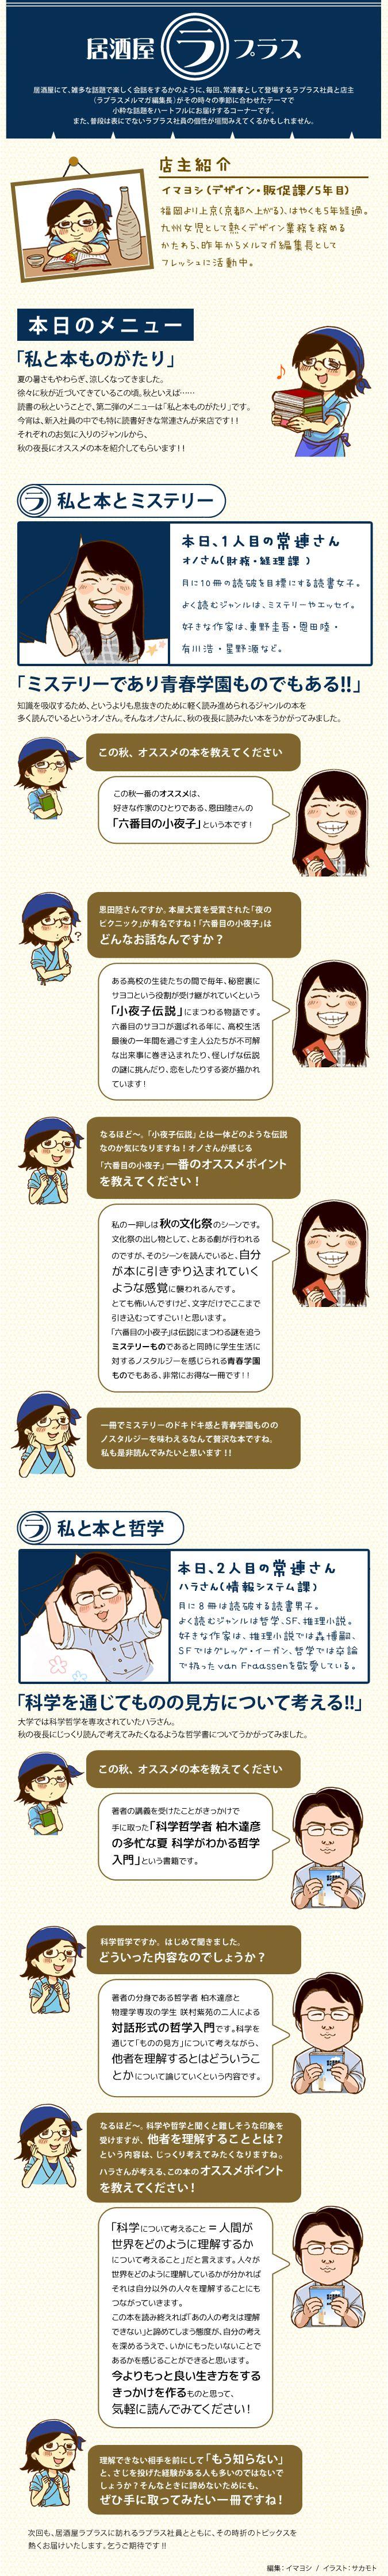 コラム記事02